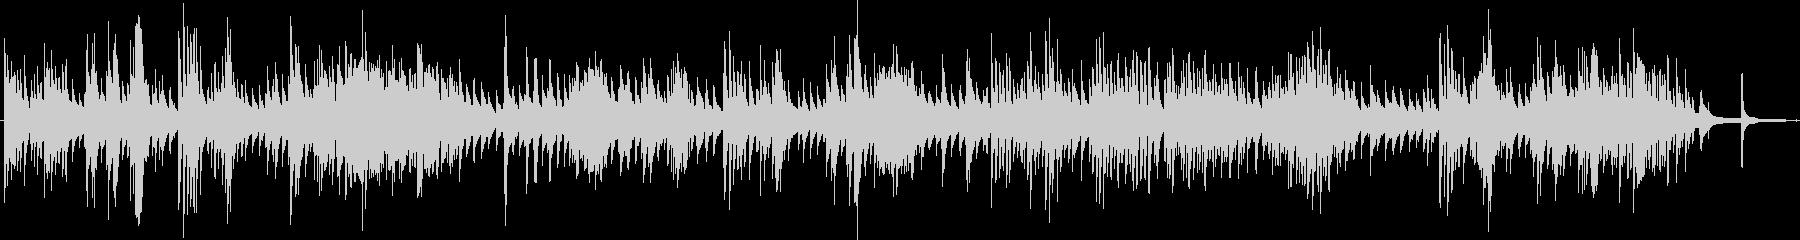 ピアノソロのホラーなBGMの未再生の波形